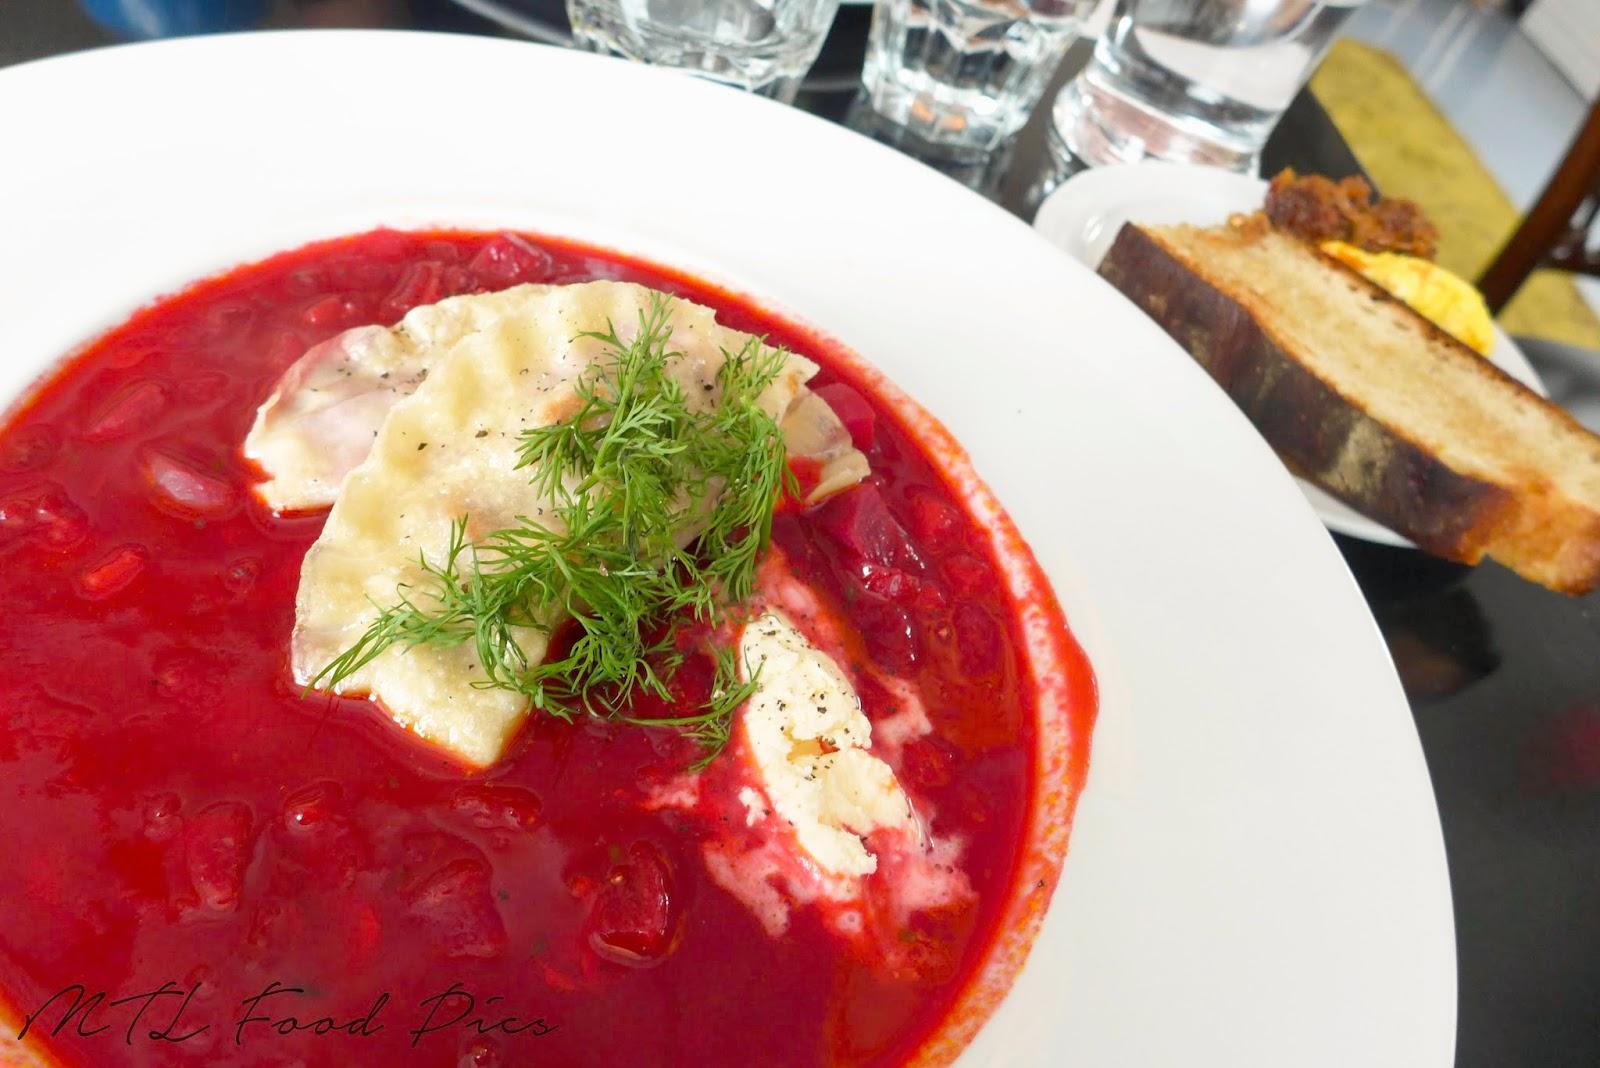 borscht beets pierogies - russian food Montreal